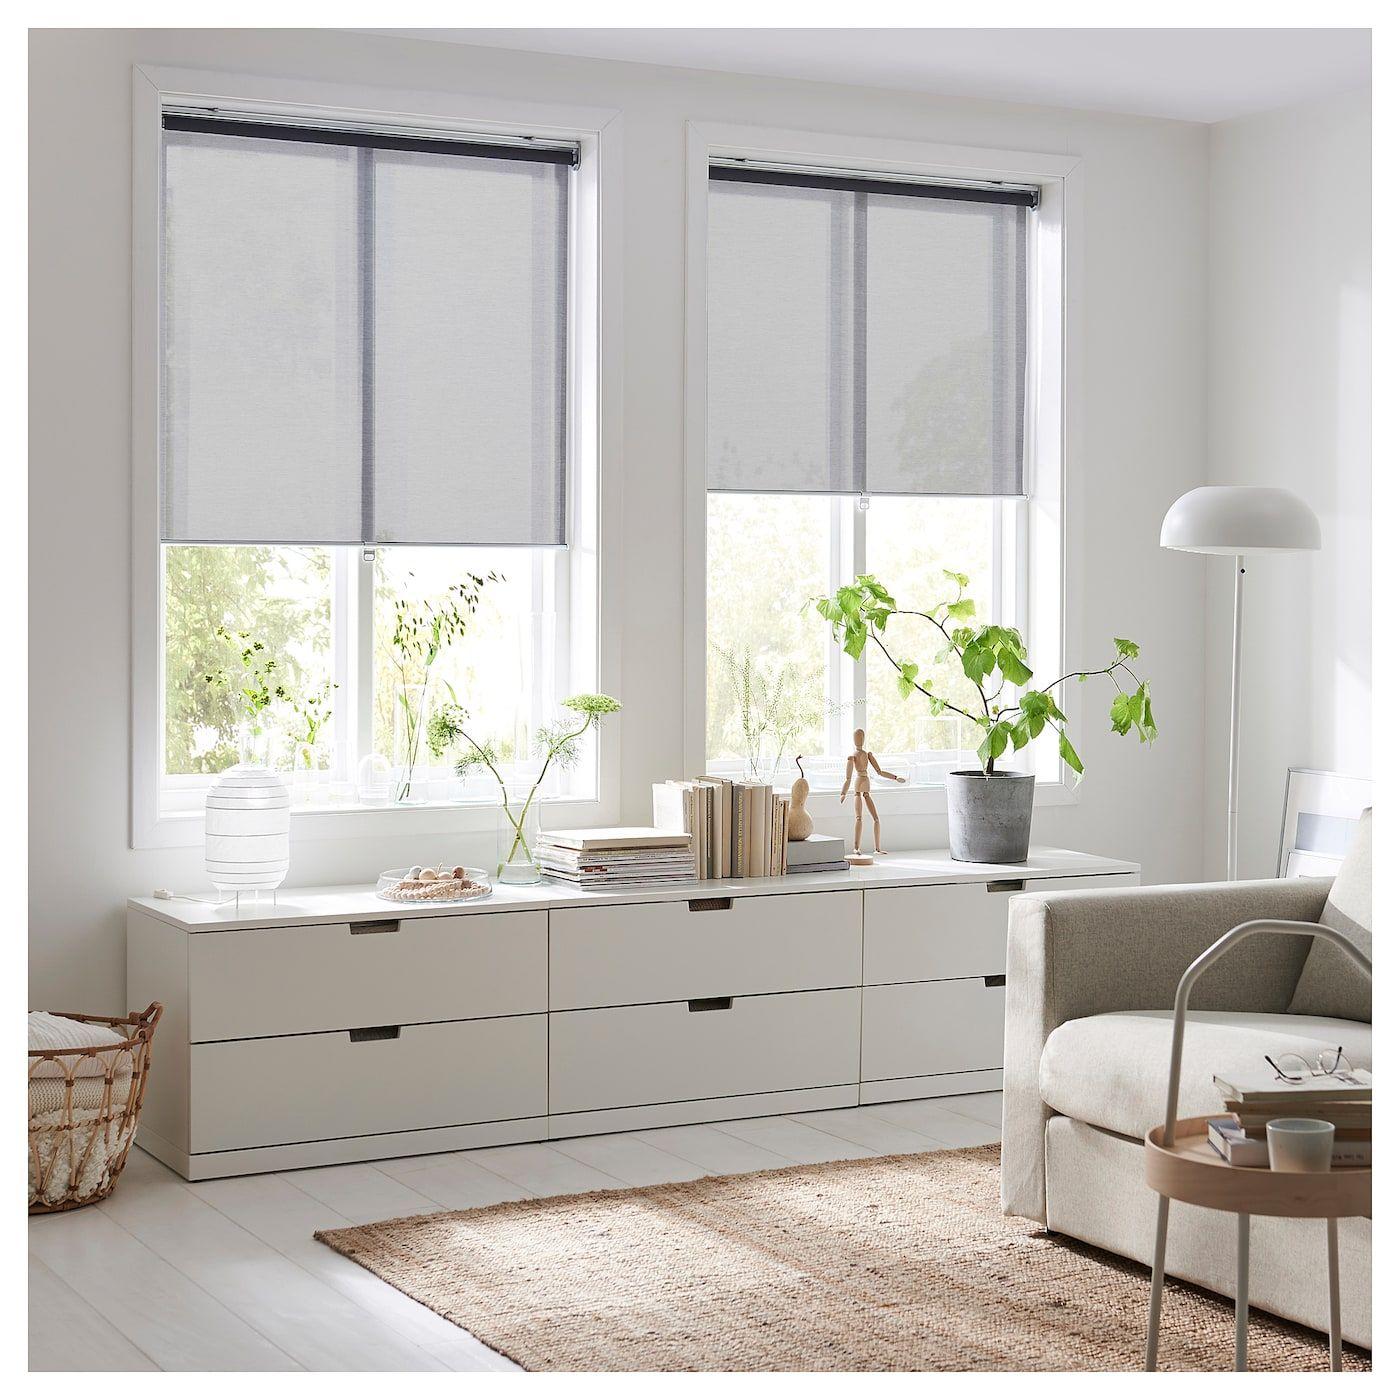 """SKOGSKLÖVER Roller blind - gray 17x17 ¾ """"  Roller blinds, Ikea"""